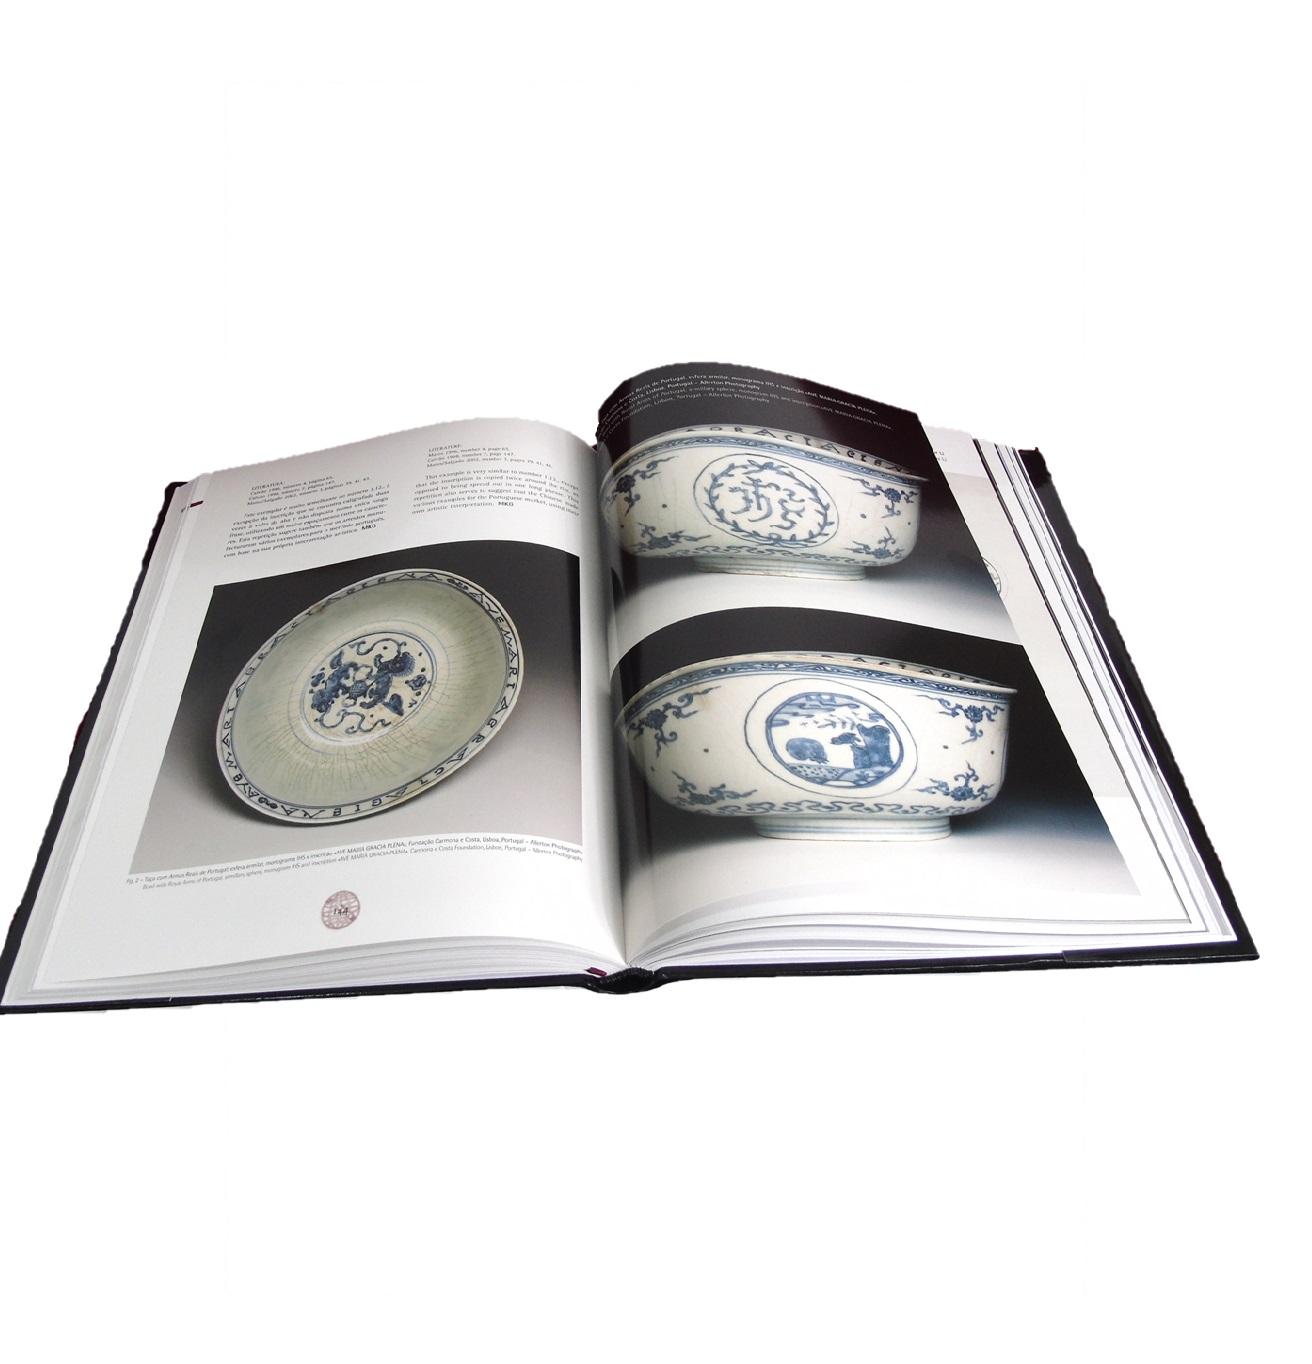 Portugal na Porcelana da China:  Dinastia Ming (1500 a 1650) (Vol. I).